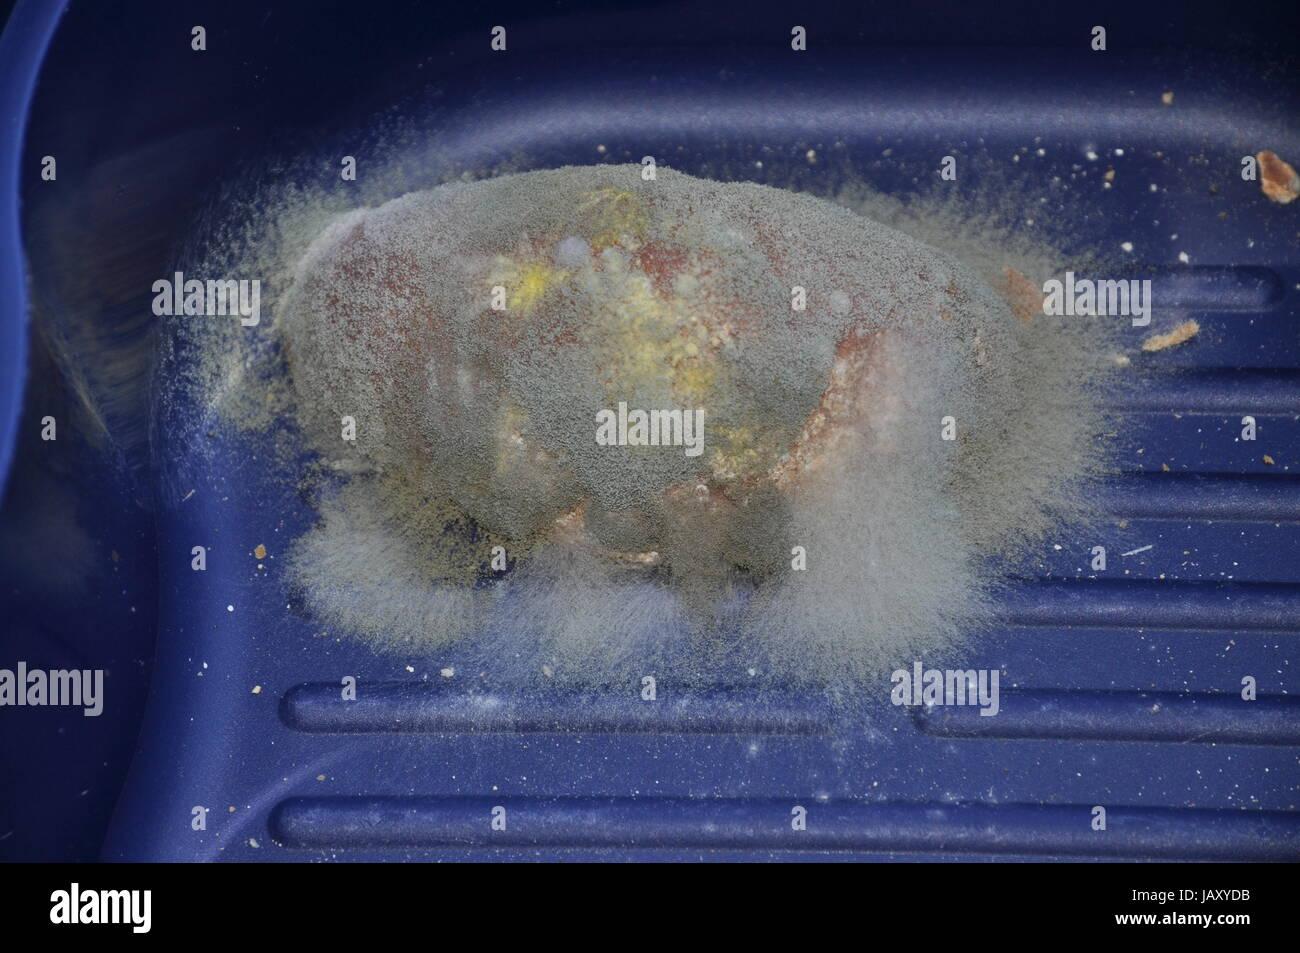 Brotschimmel, schimmel, schimmel, verschimmelt, verdorben, schimmlig, schimmelig, lebensmittel, schimmelpilz, schimmelpilze, Stock Photo